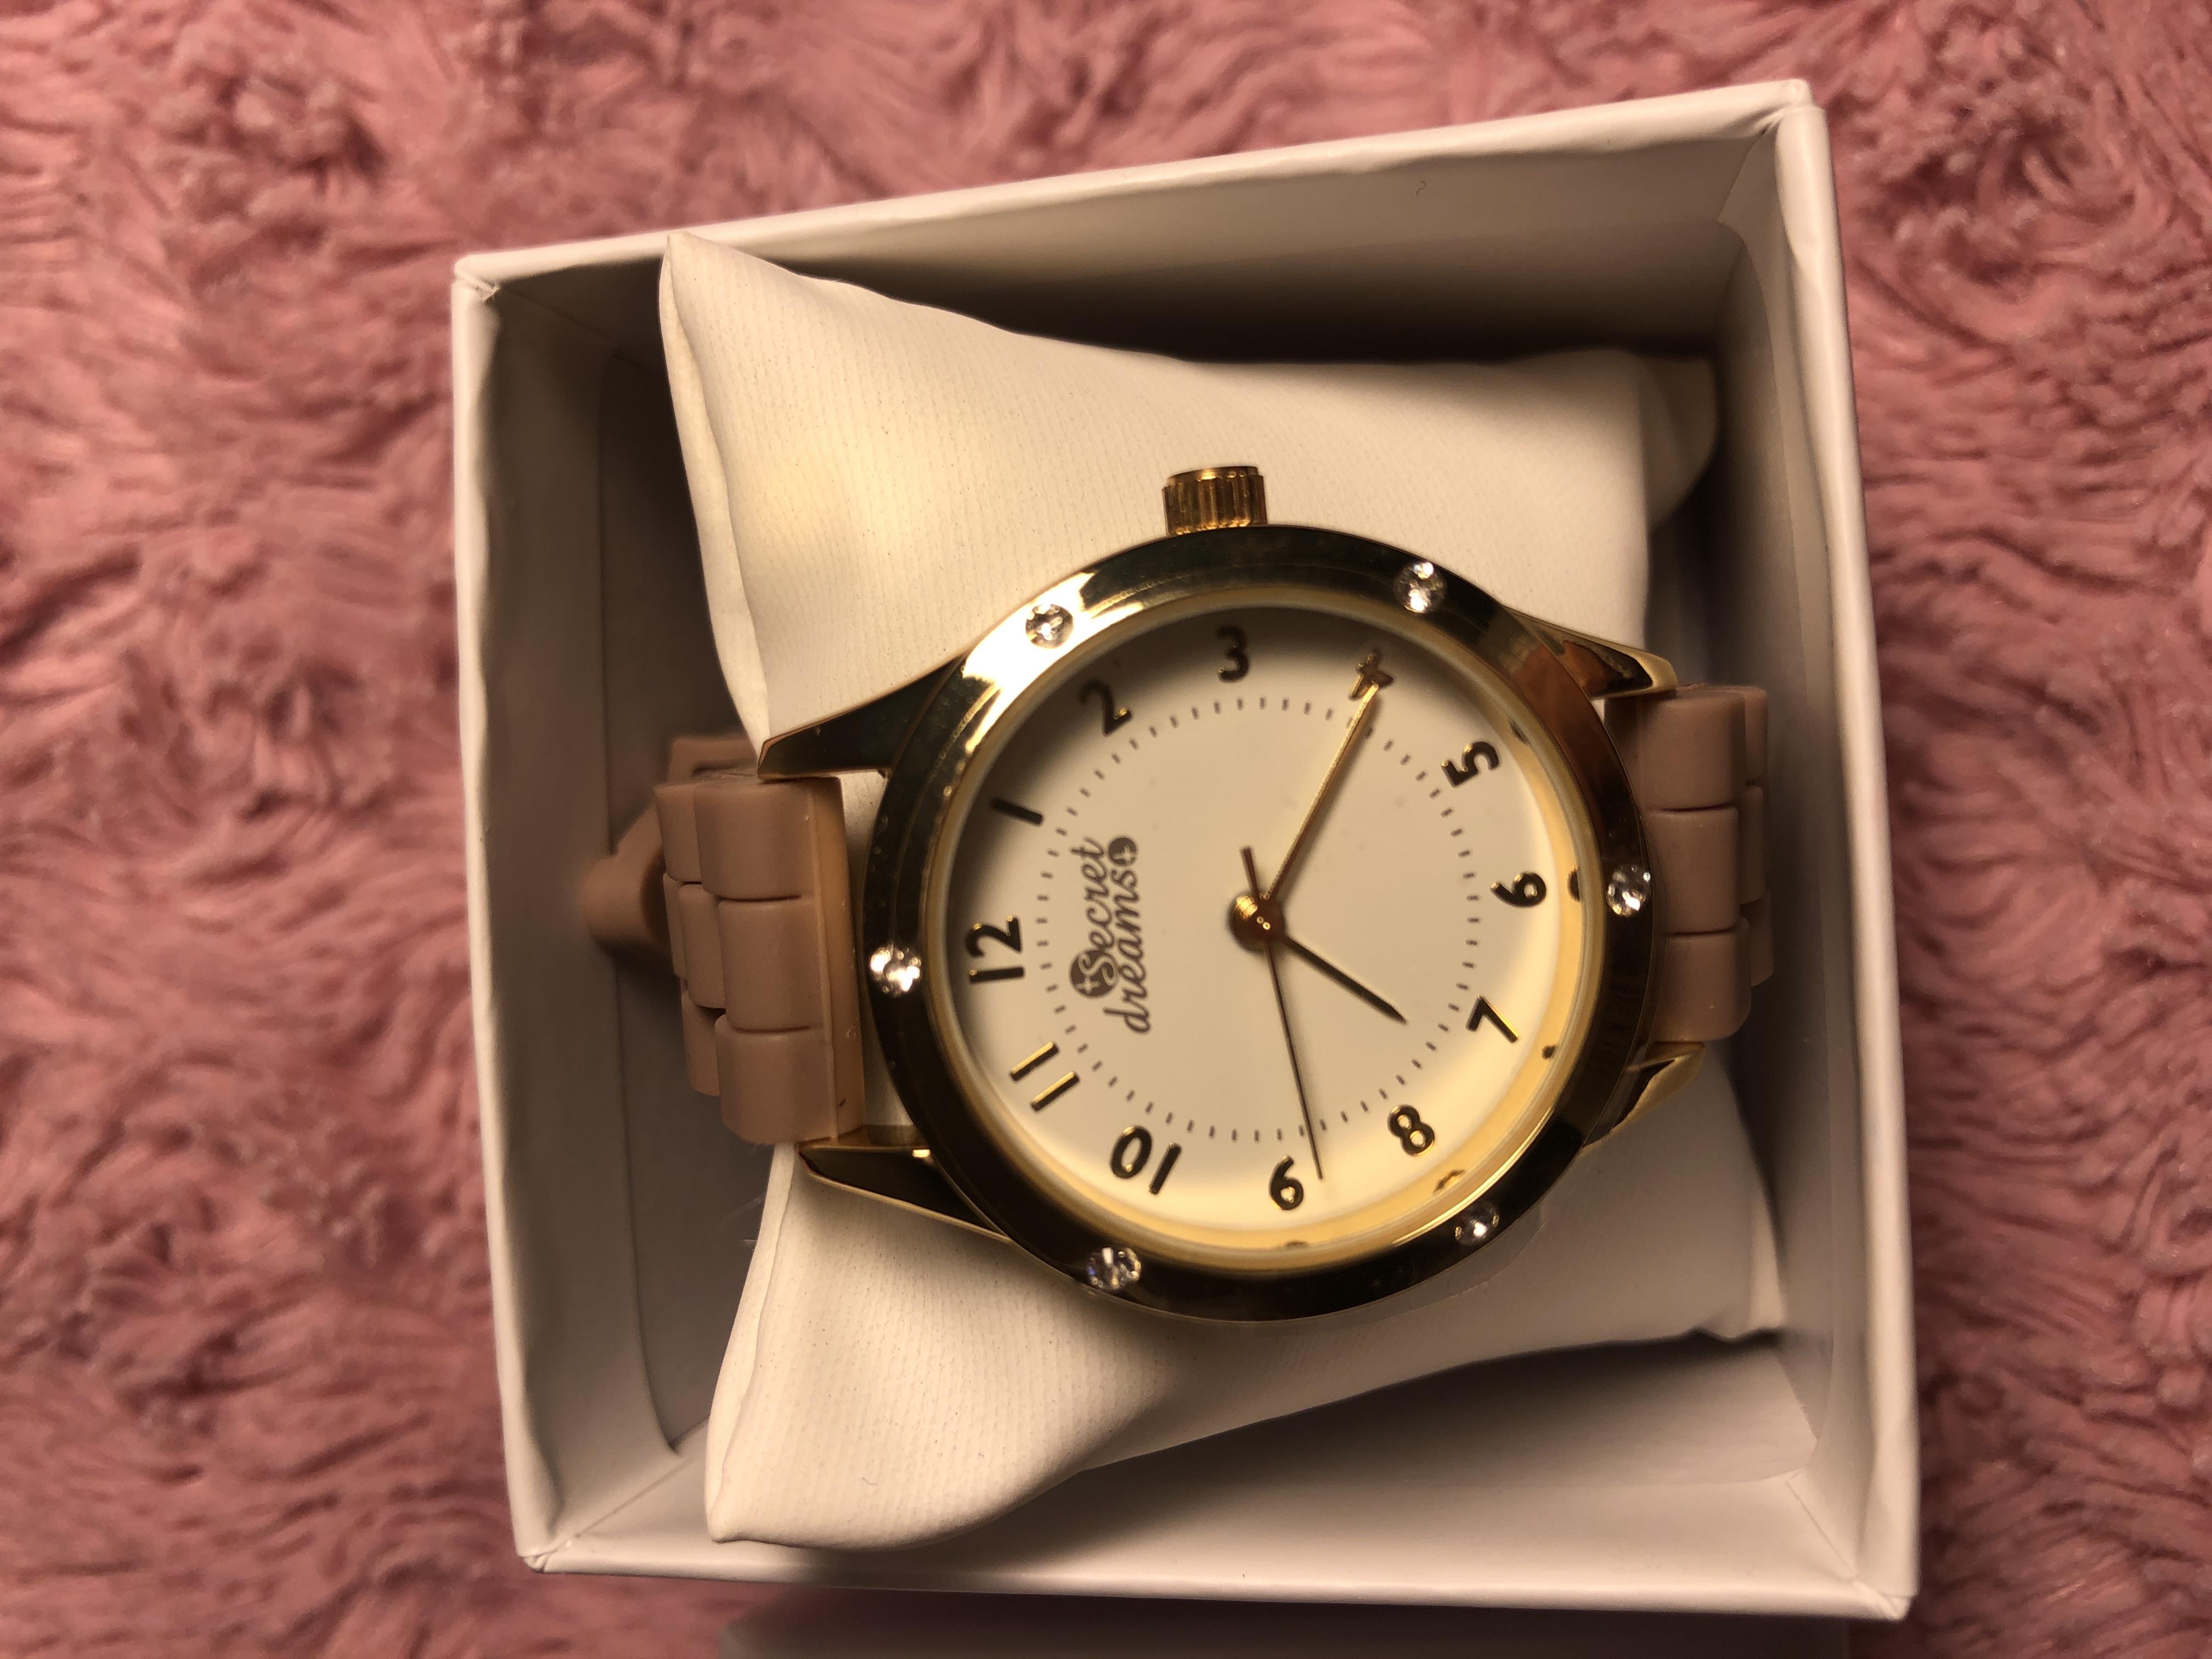 Vente d'une montre pour femme